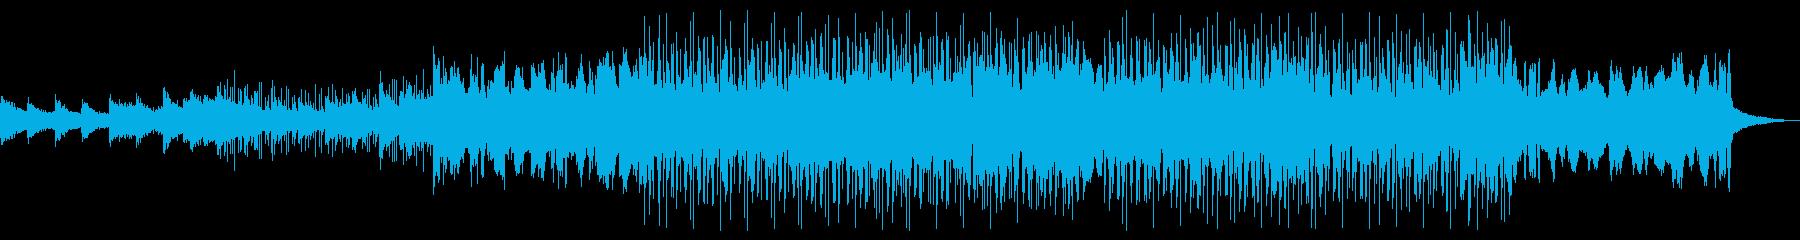 サイバー・浮遊感・疾走感・スタイリッシュの再生済みの波形